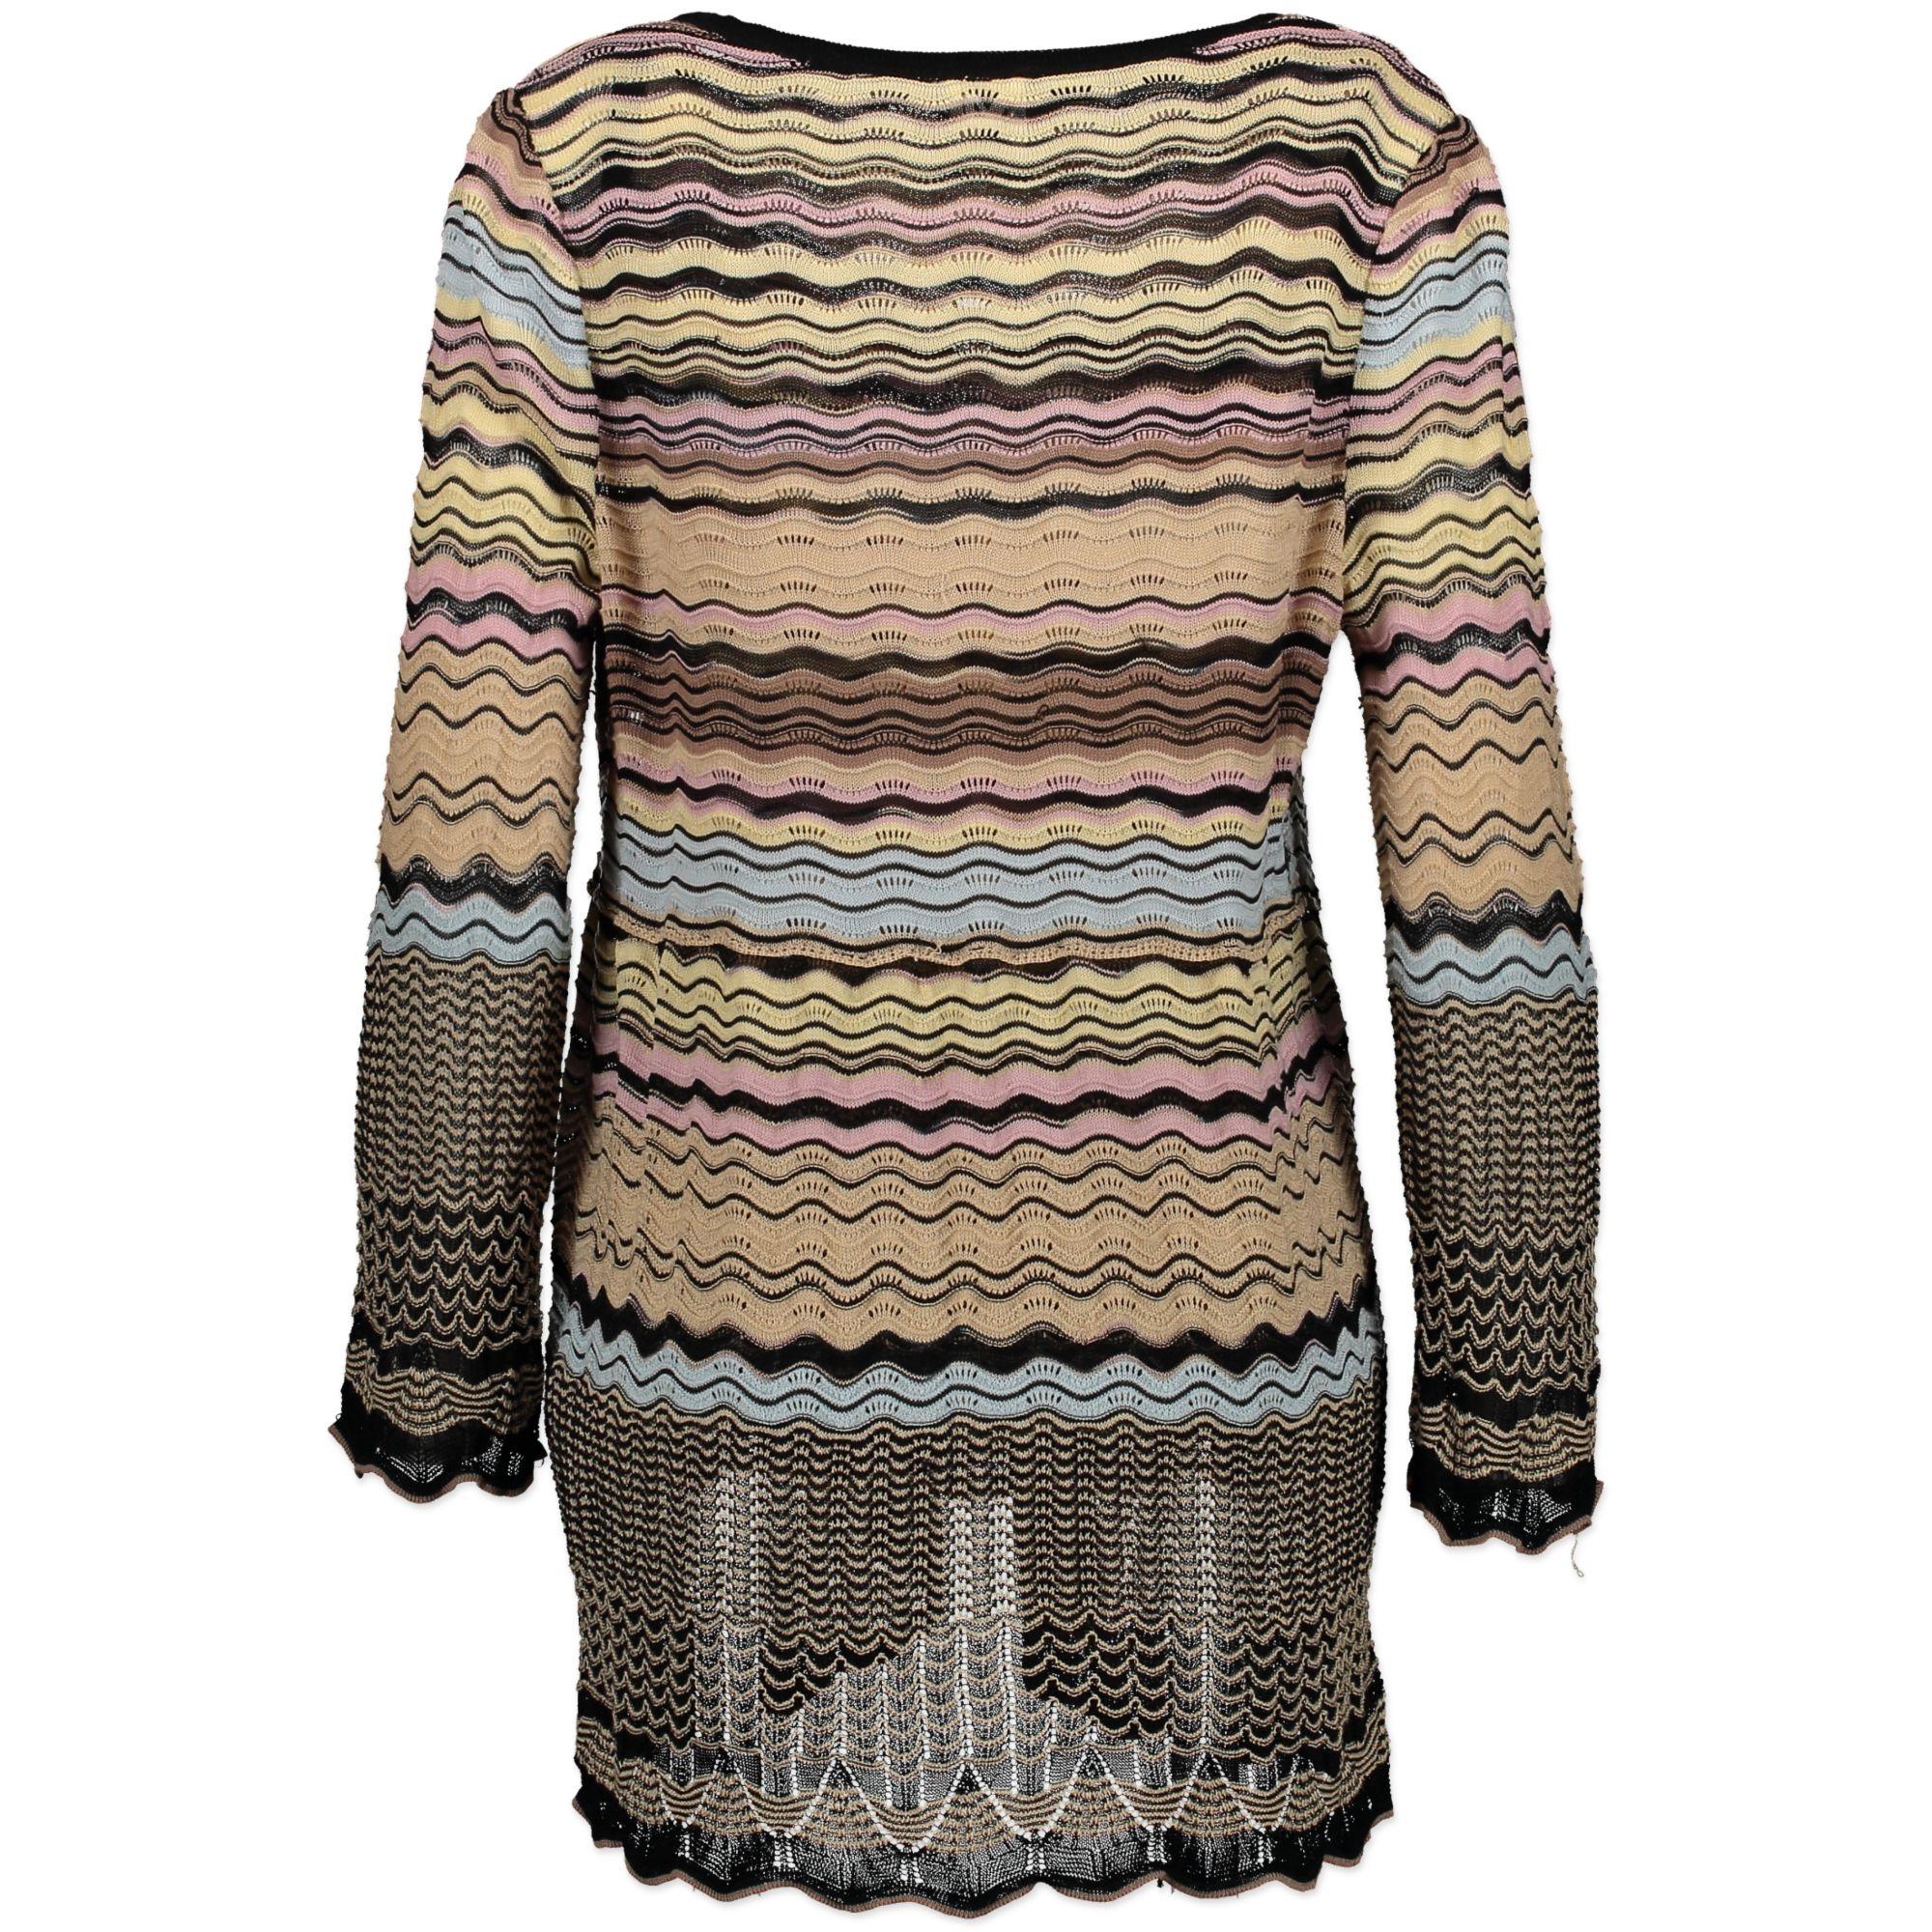 Missoni Multicolour Two Piece Set - Size 38. Buy authentic Missoni clothes online. Safe payment. Koop tweedehands kleding van Missoni in de webshop van Labellov. Acheter vêtements de Missoni en ligne chez Labellov.